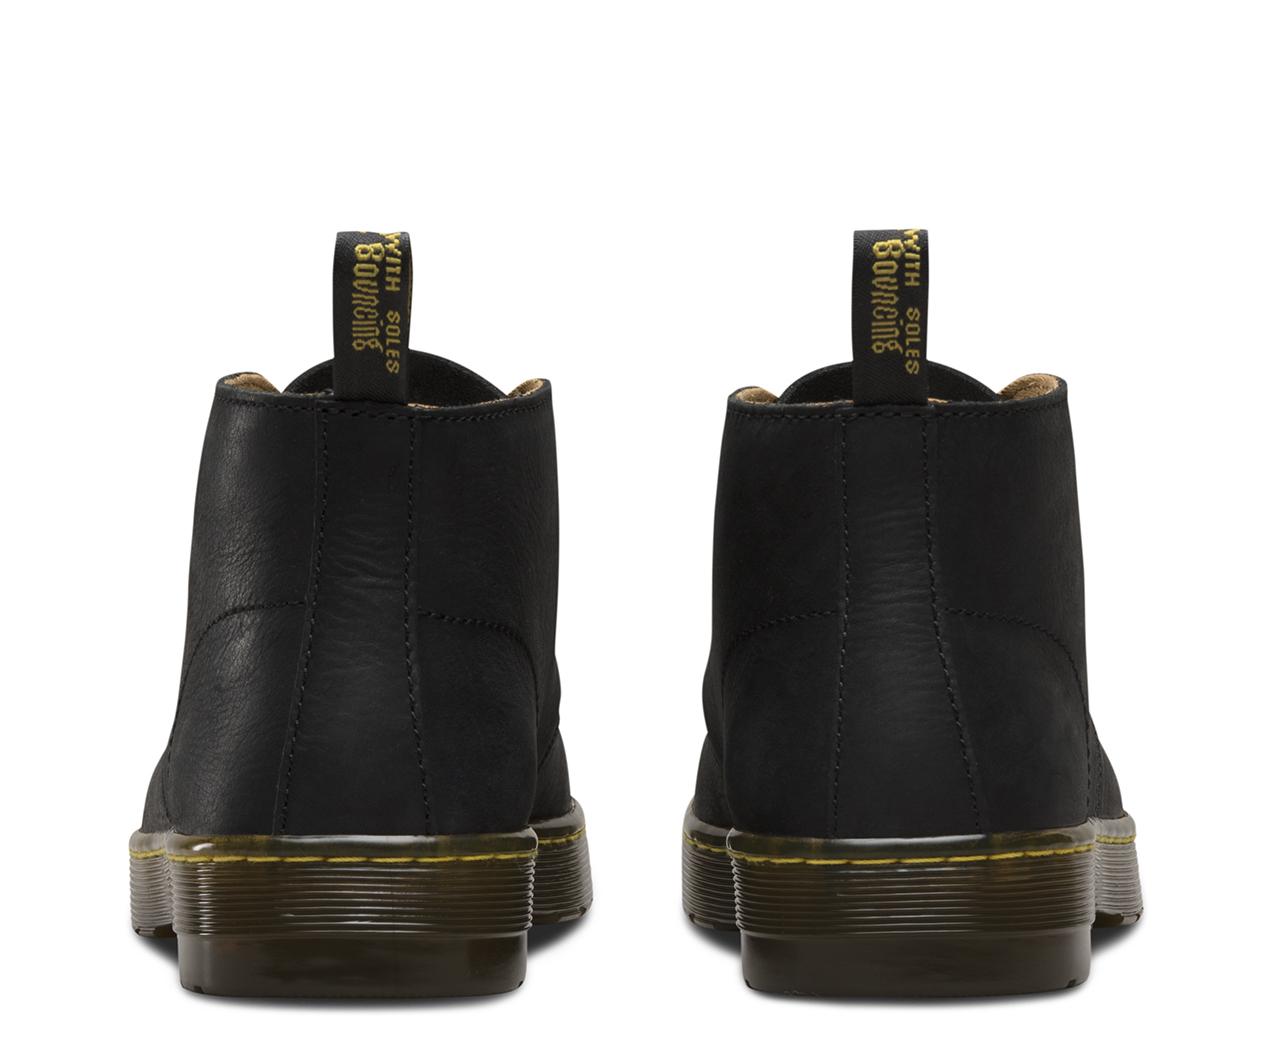 CABRILLO BLACK 16593001